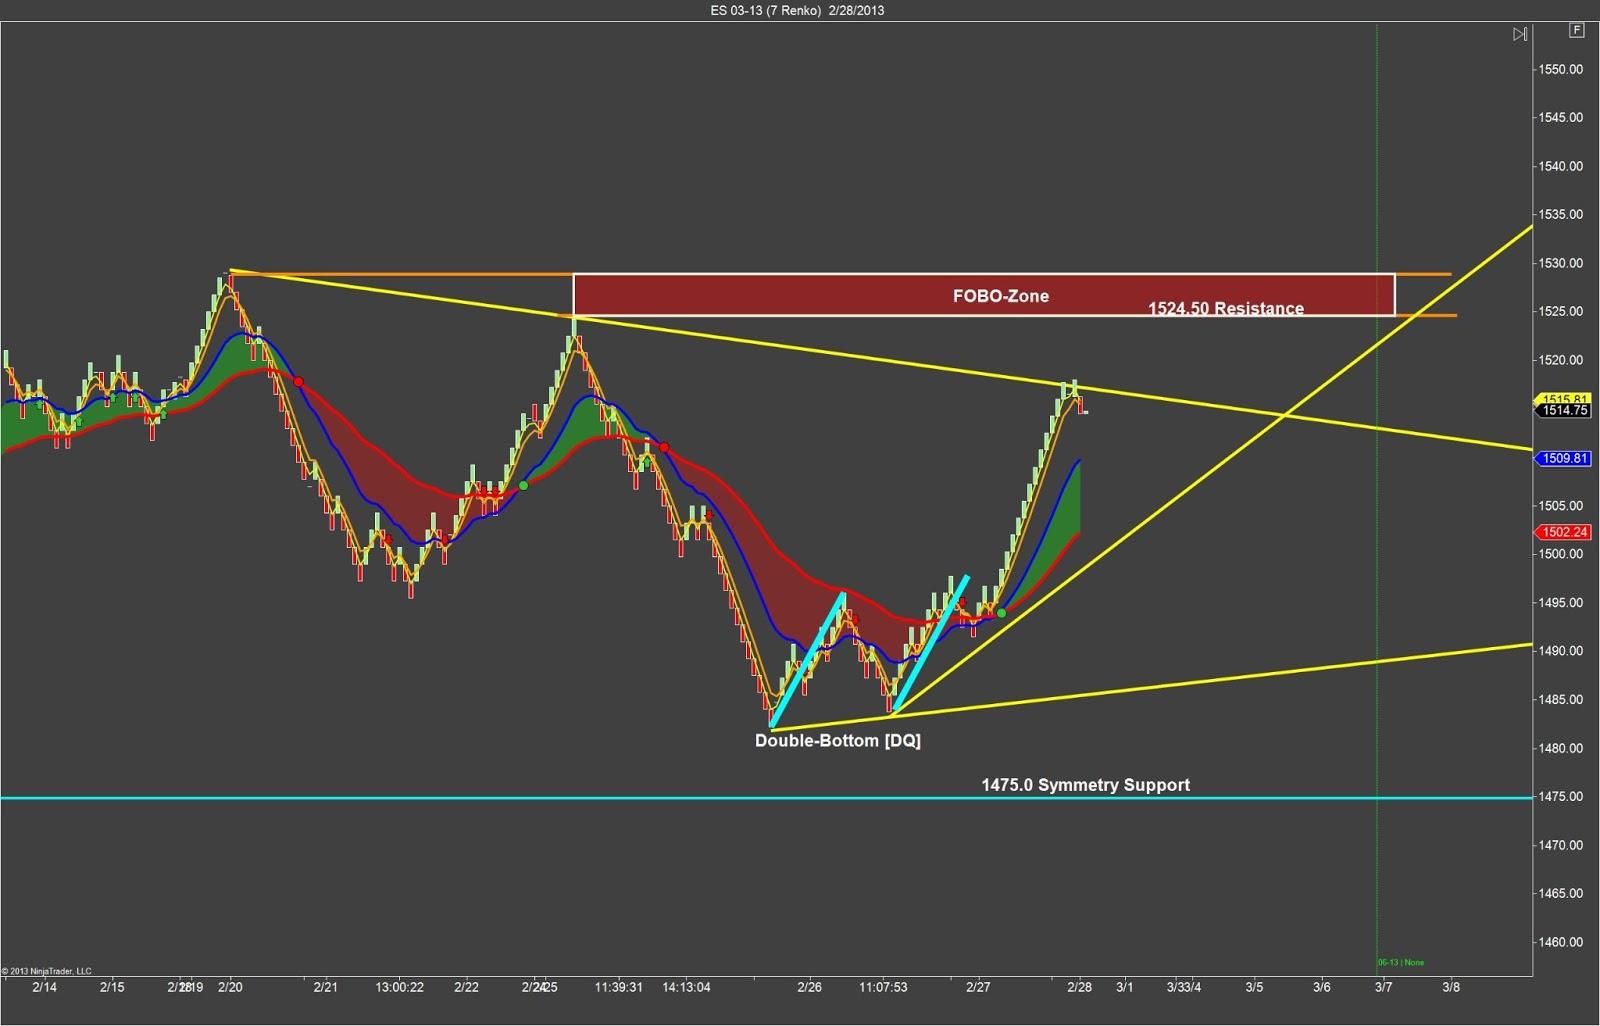 Emini s&p futures trading strategies